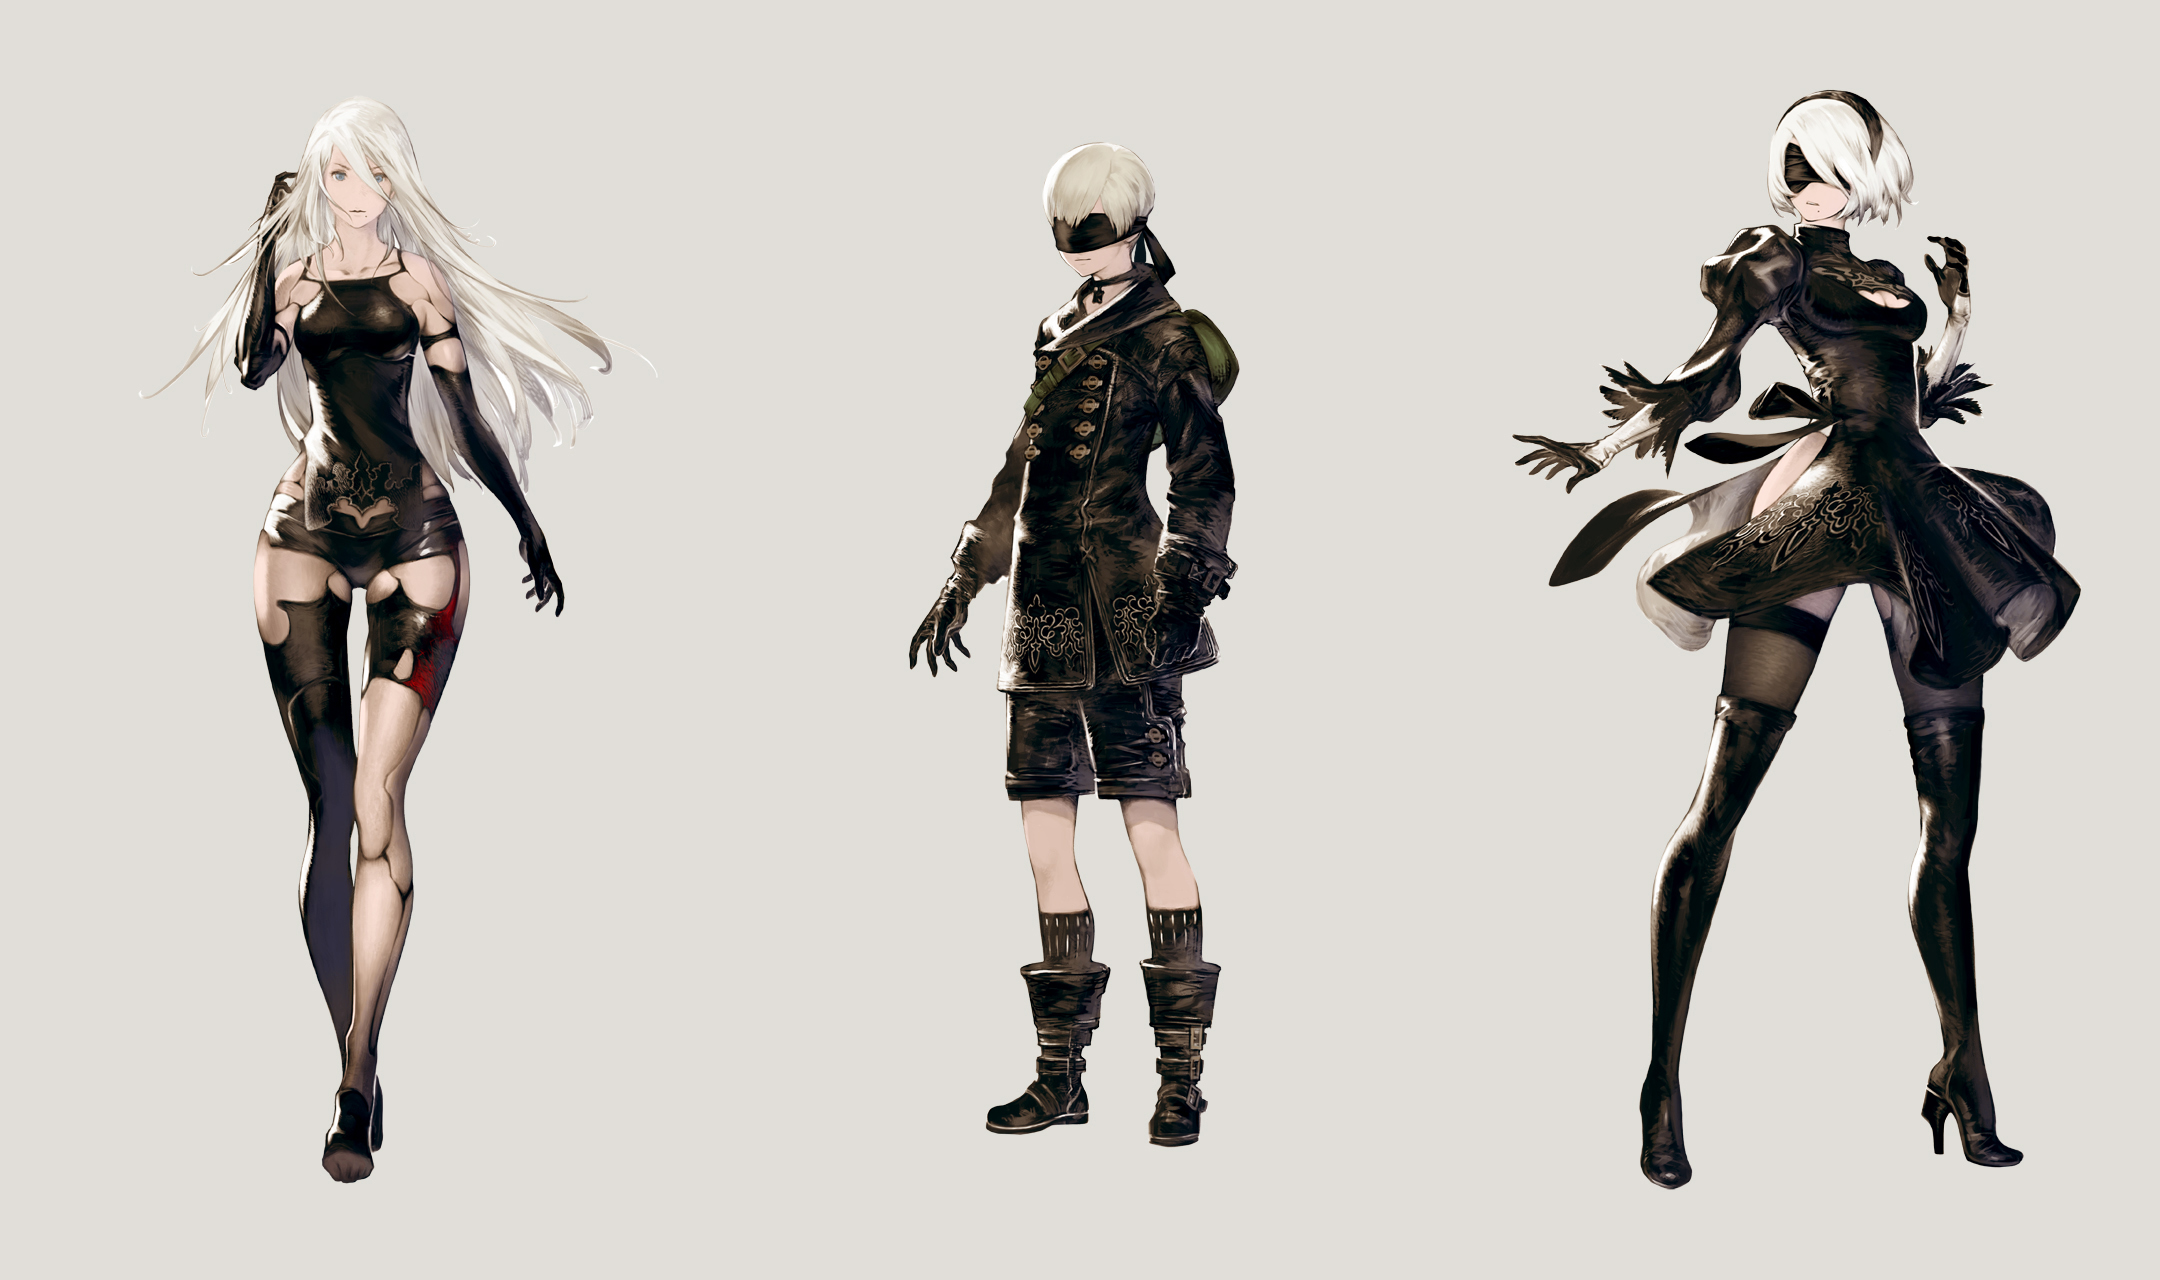 Character Design Nier Automata : Nier automata képcsokor érkezett gamepod hu ps hír